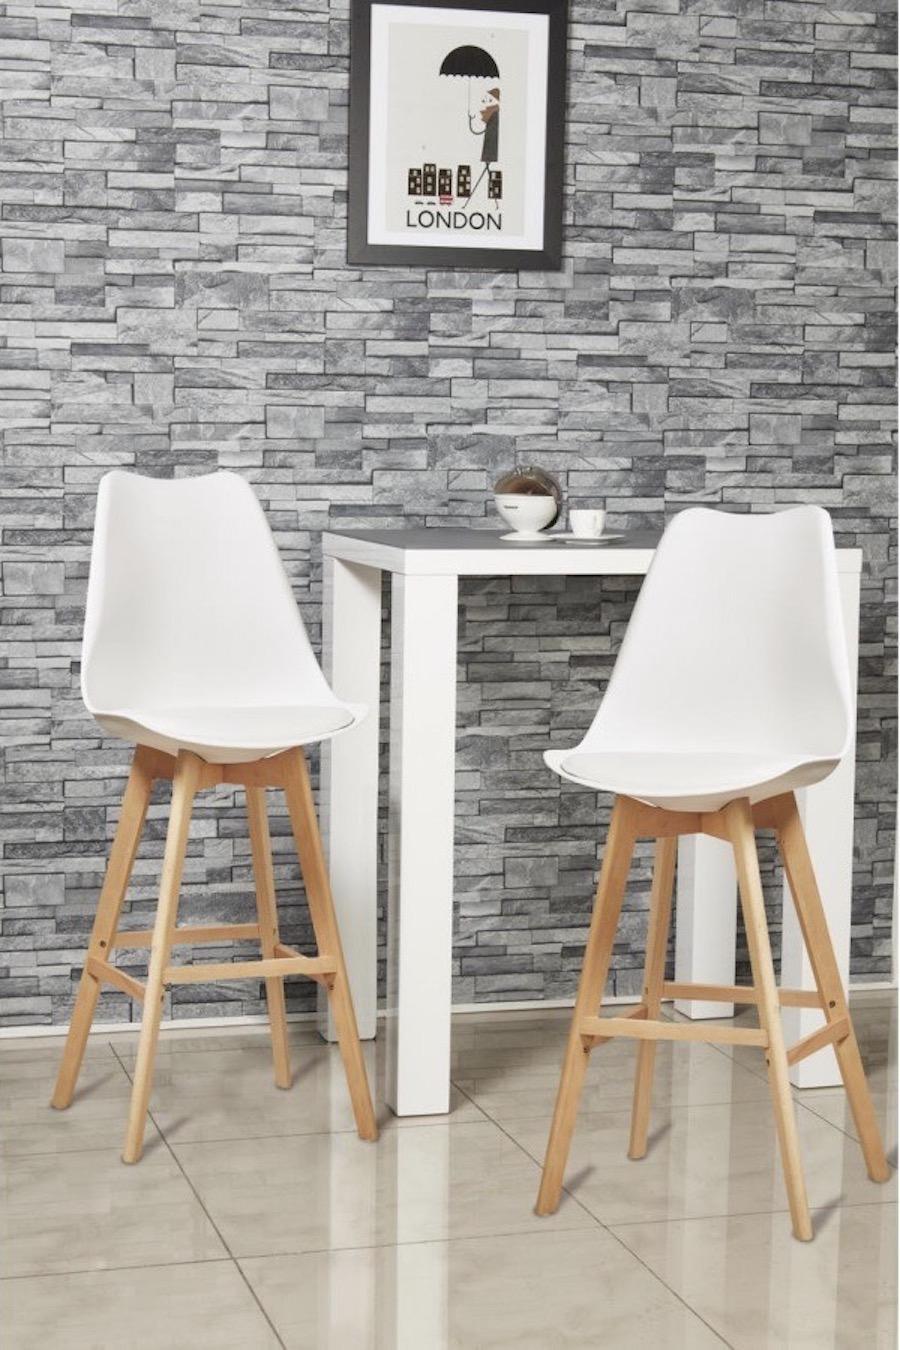 chaise haute îlot central style scandinave eames coque plastique blanc pied bois